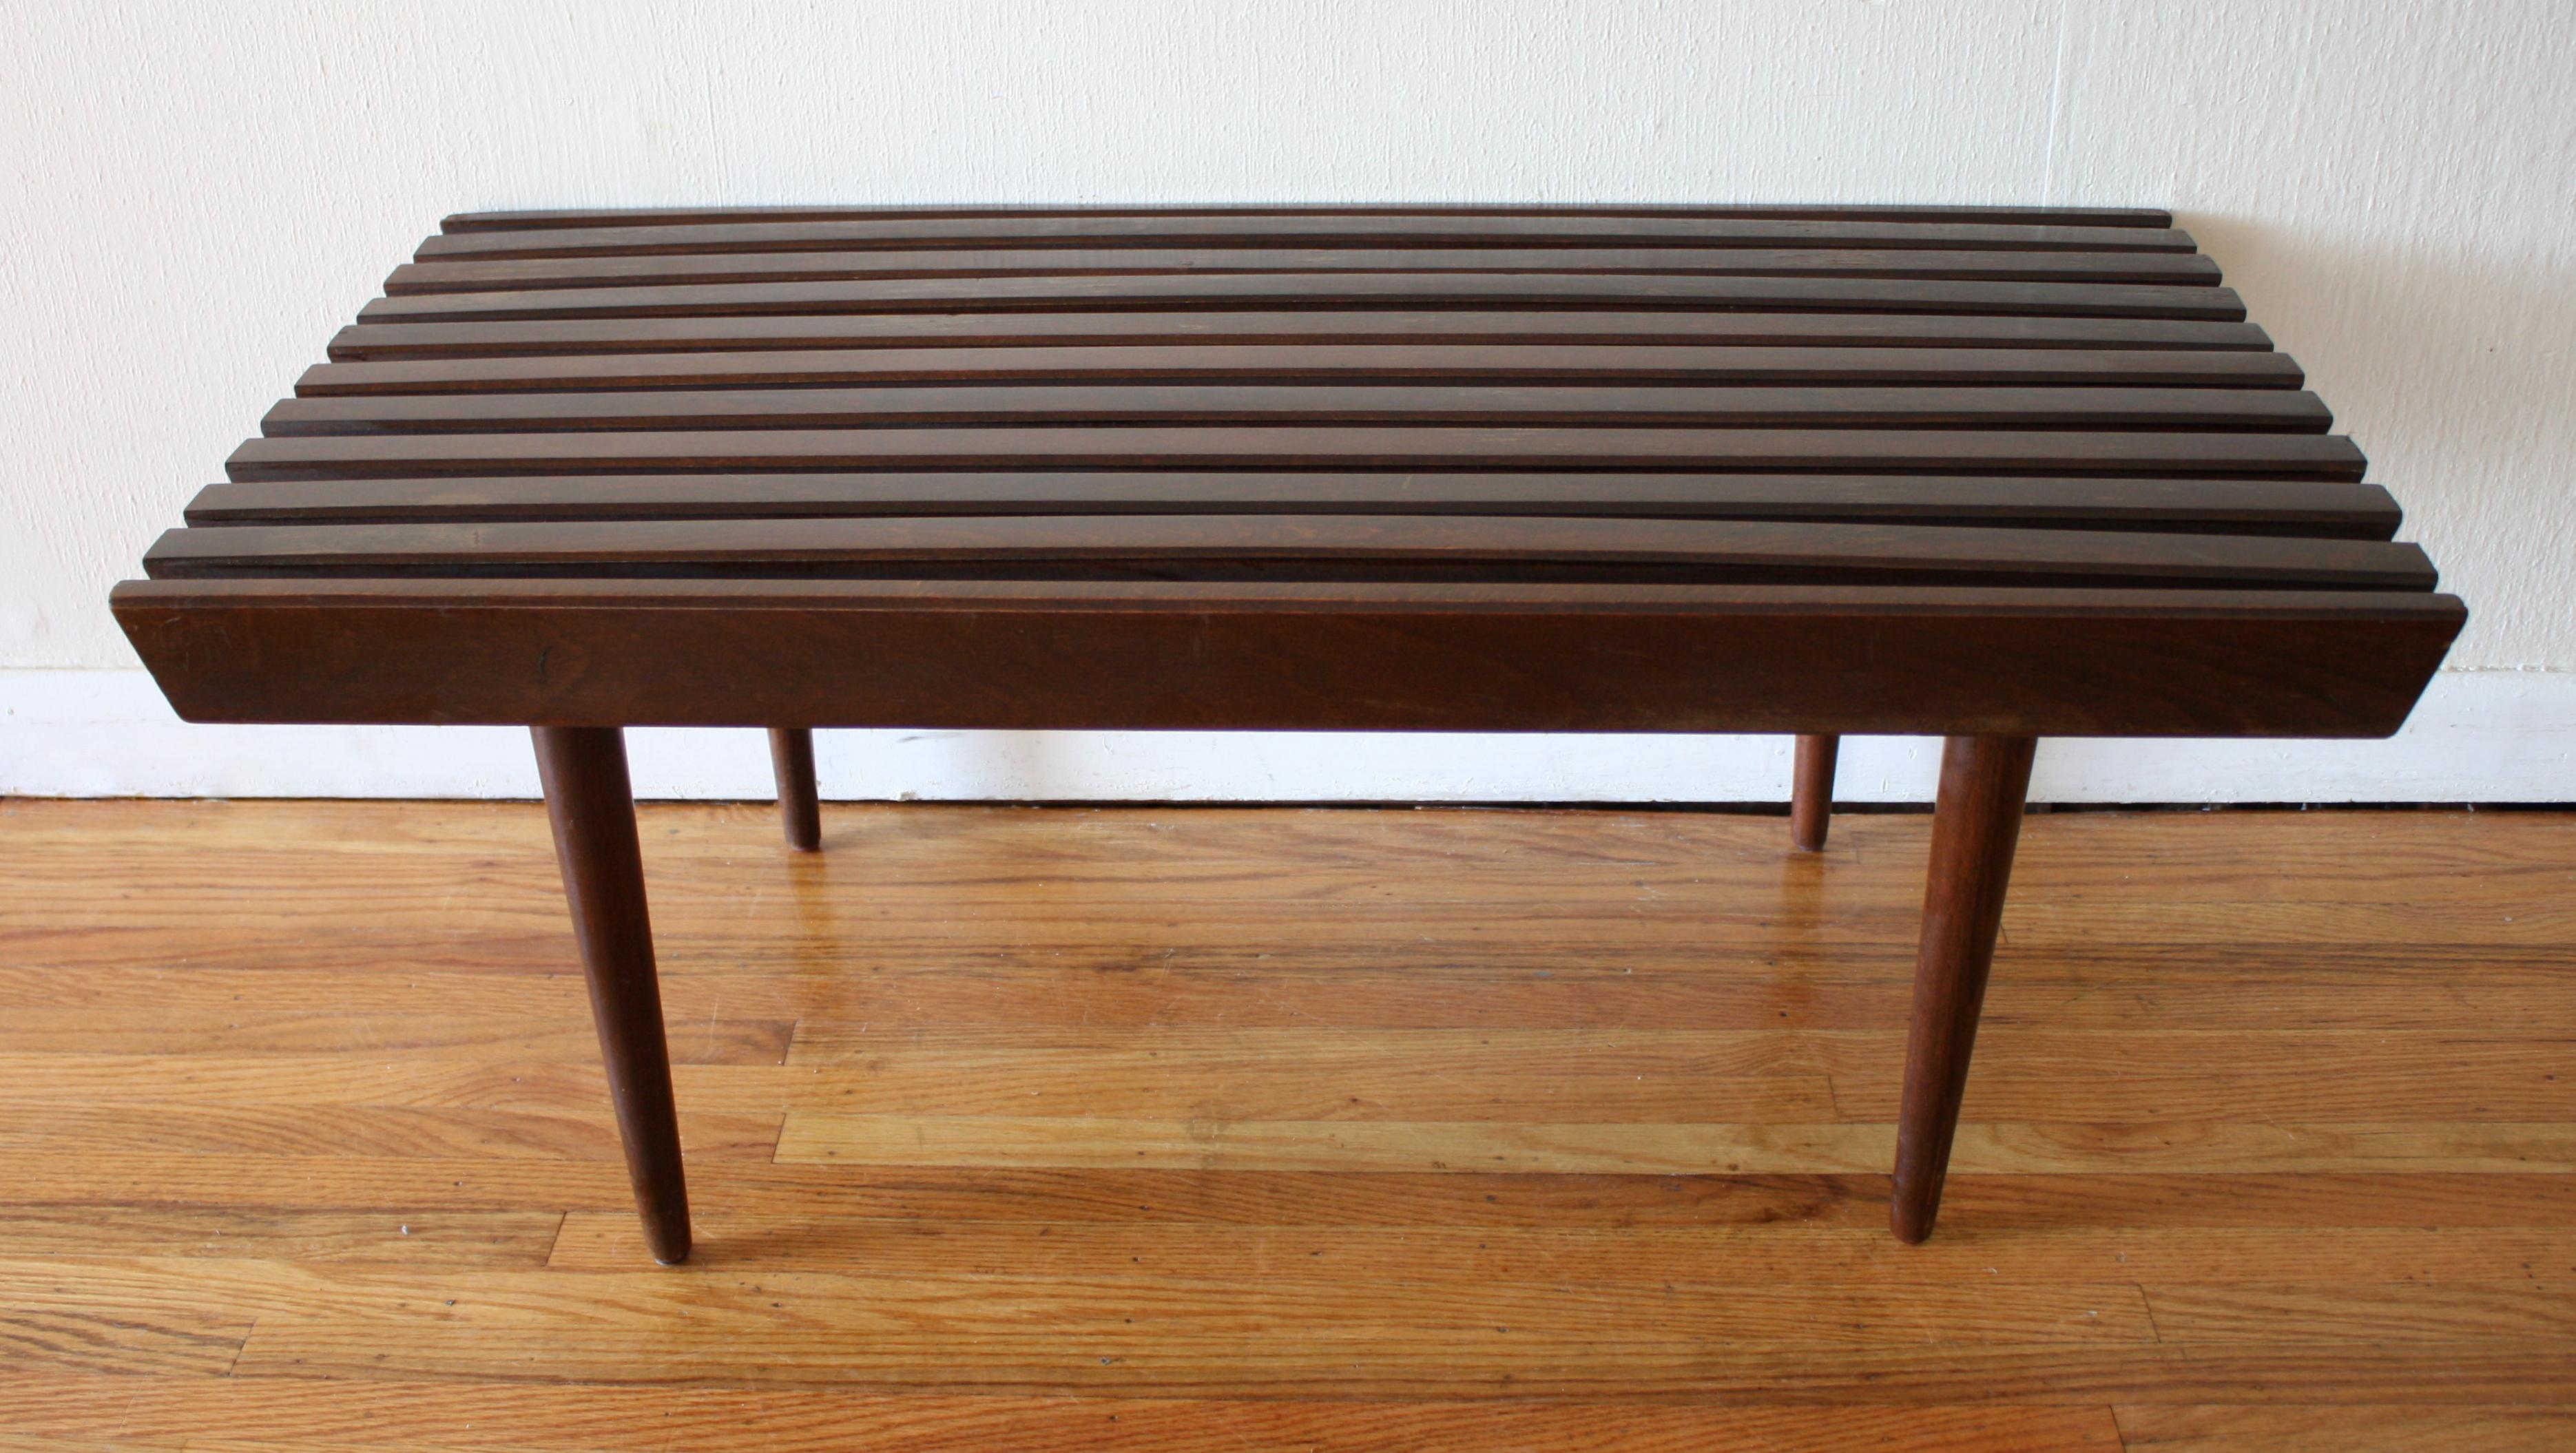 Mcm Dark Slatted Coffee Table Bench 1 Picked Vintage